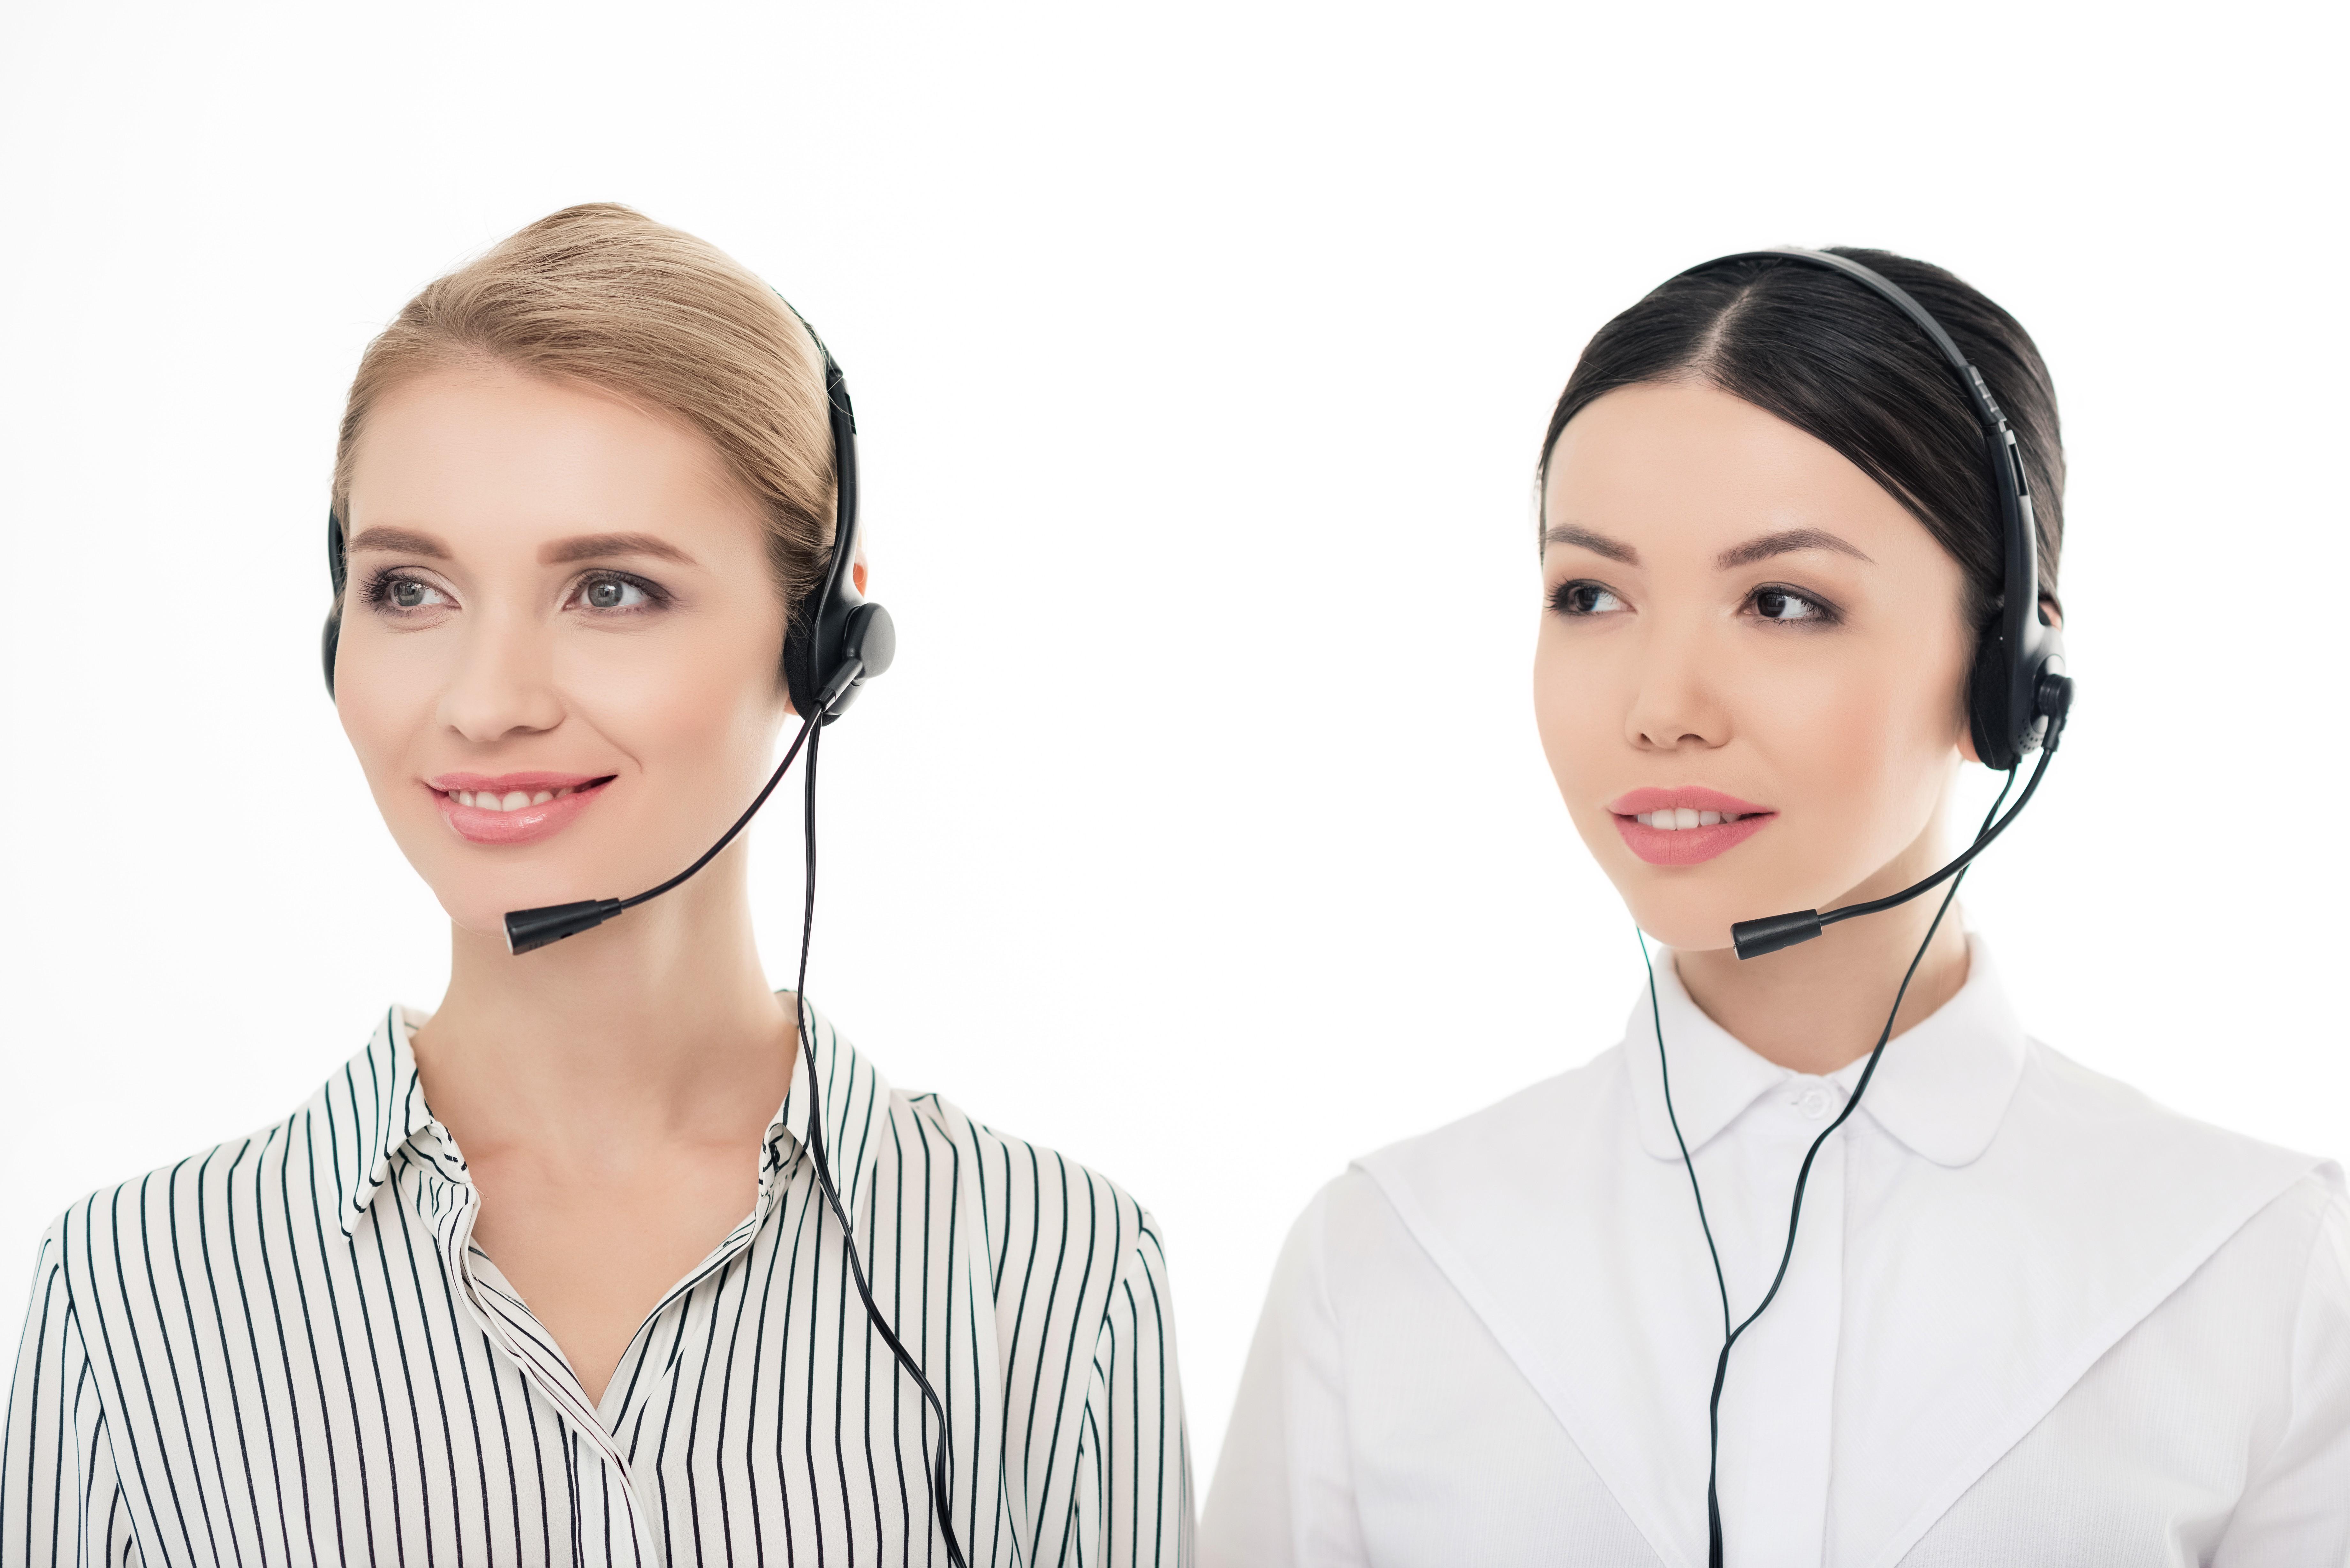 Appeler Cremieux et son service relation client